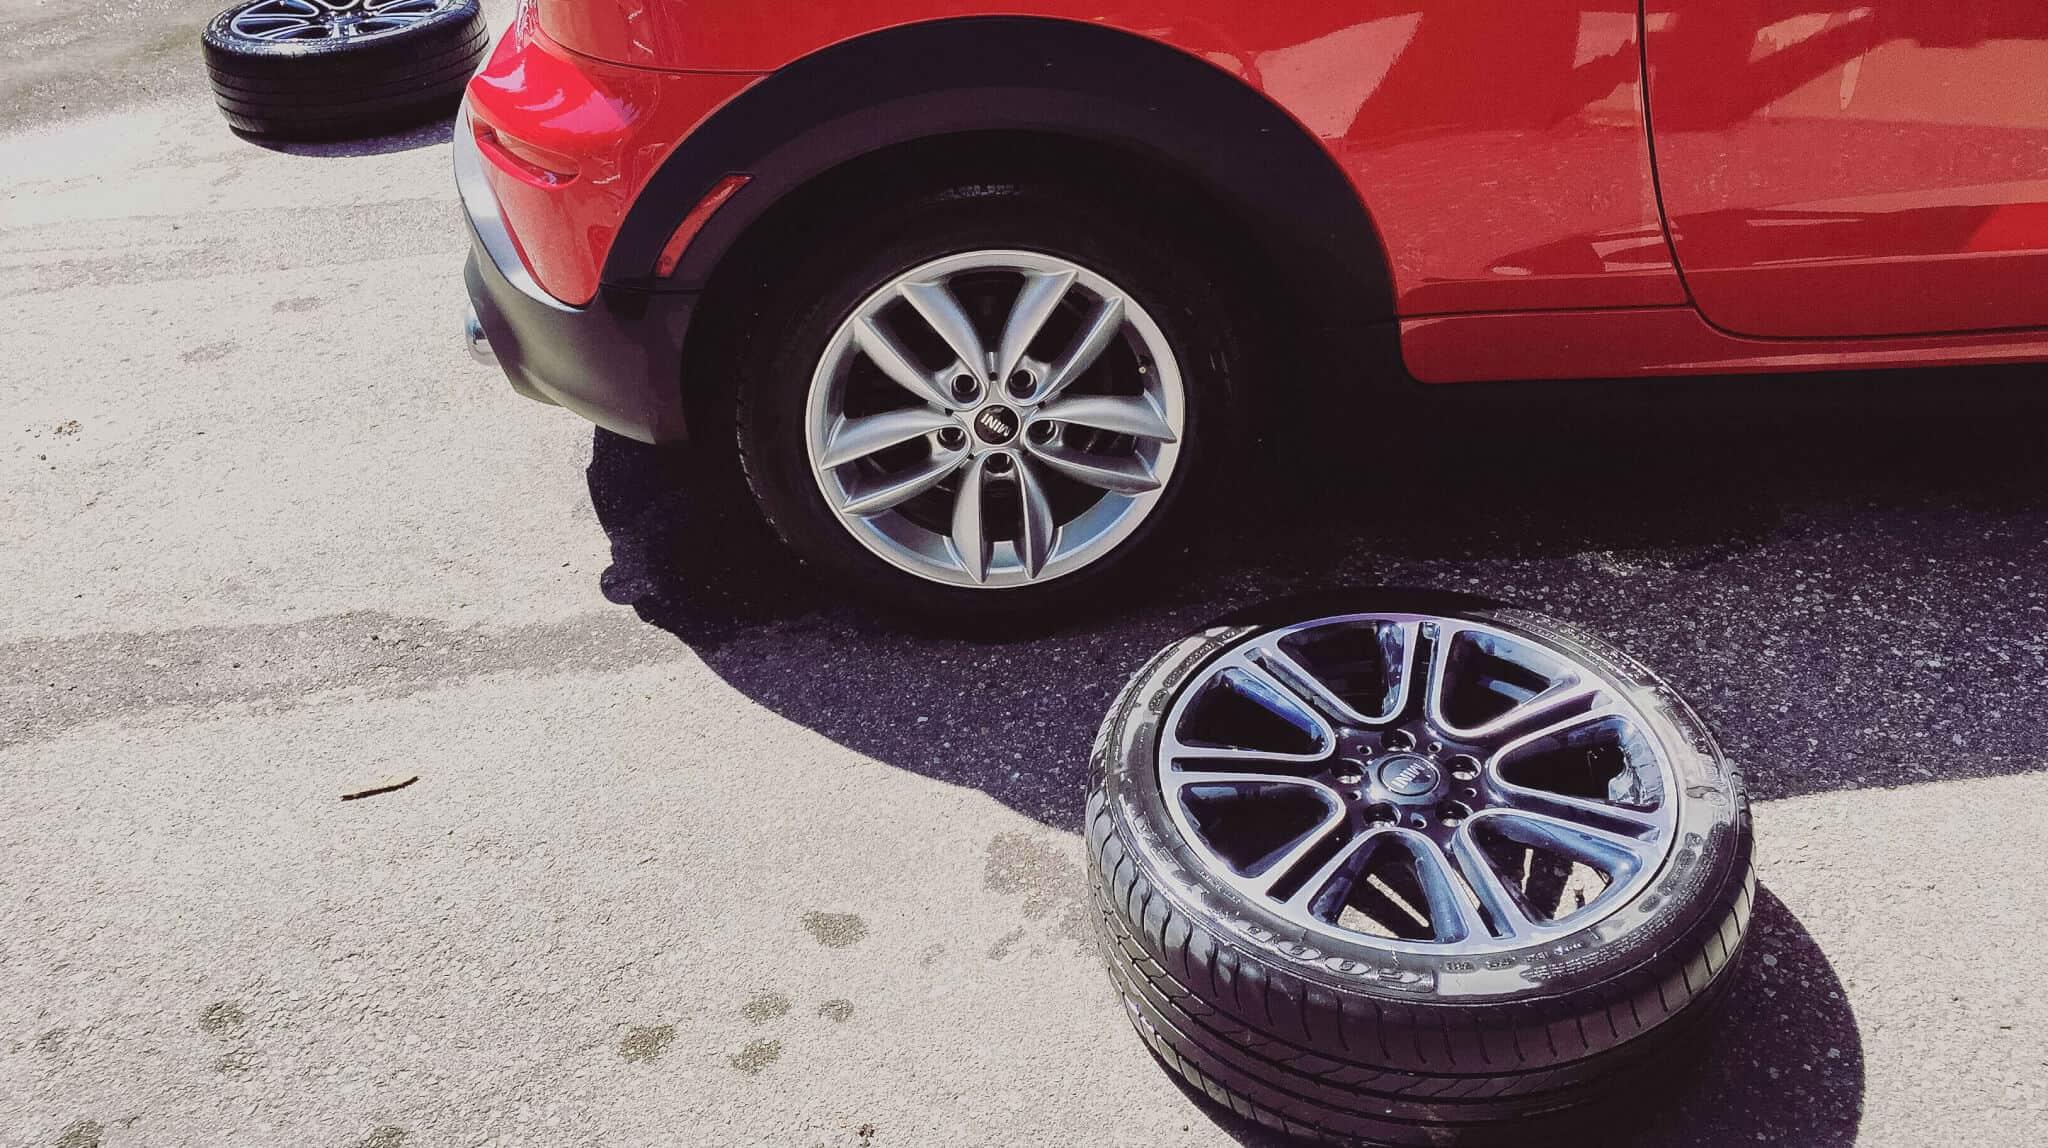 reparação do carro, com a troca de pneu num carro vermelho